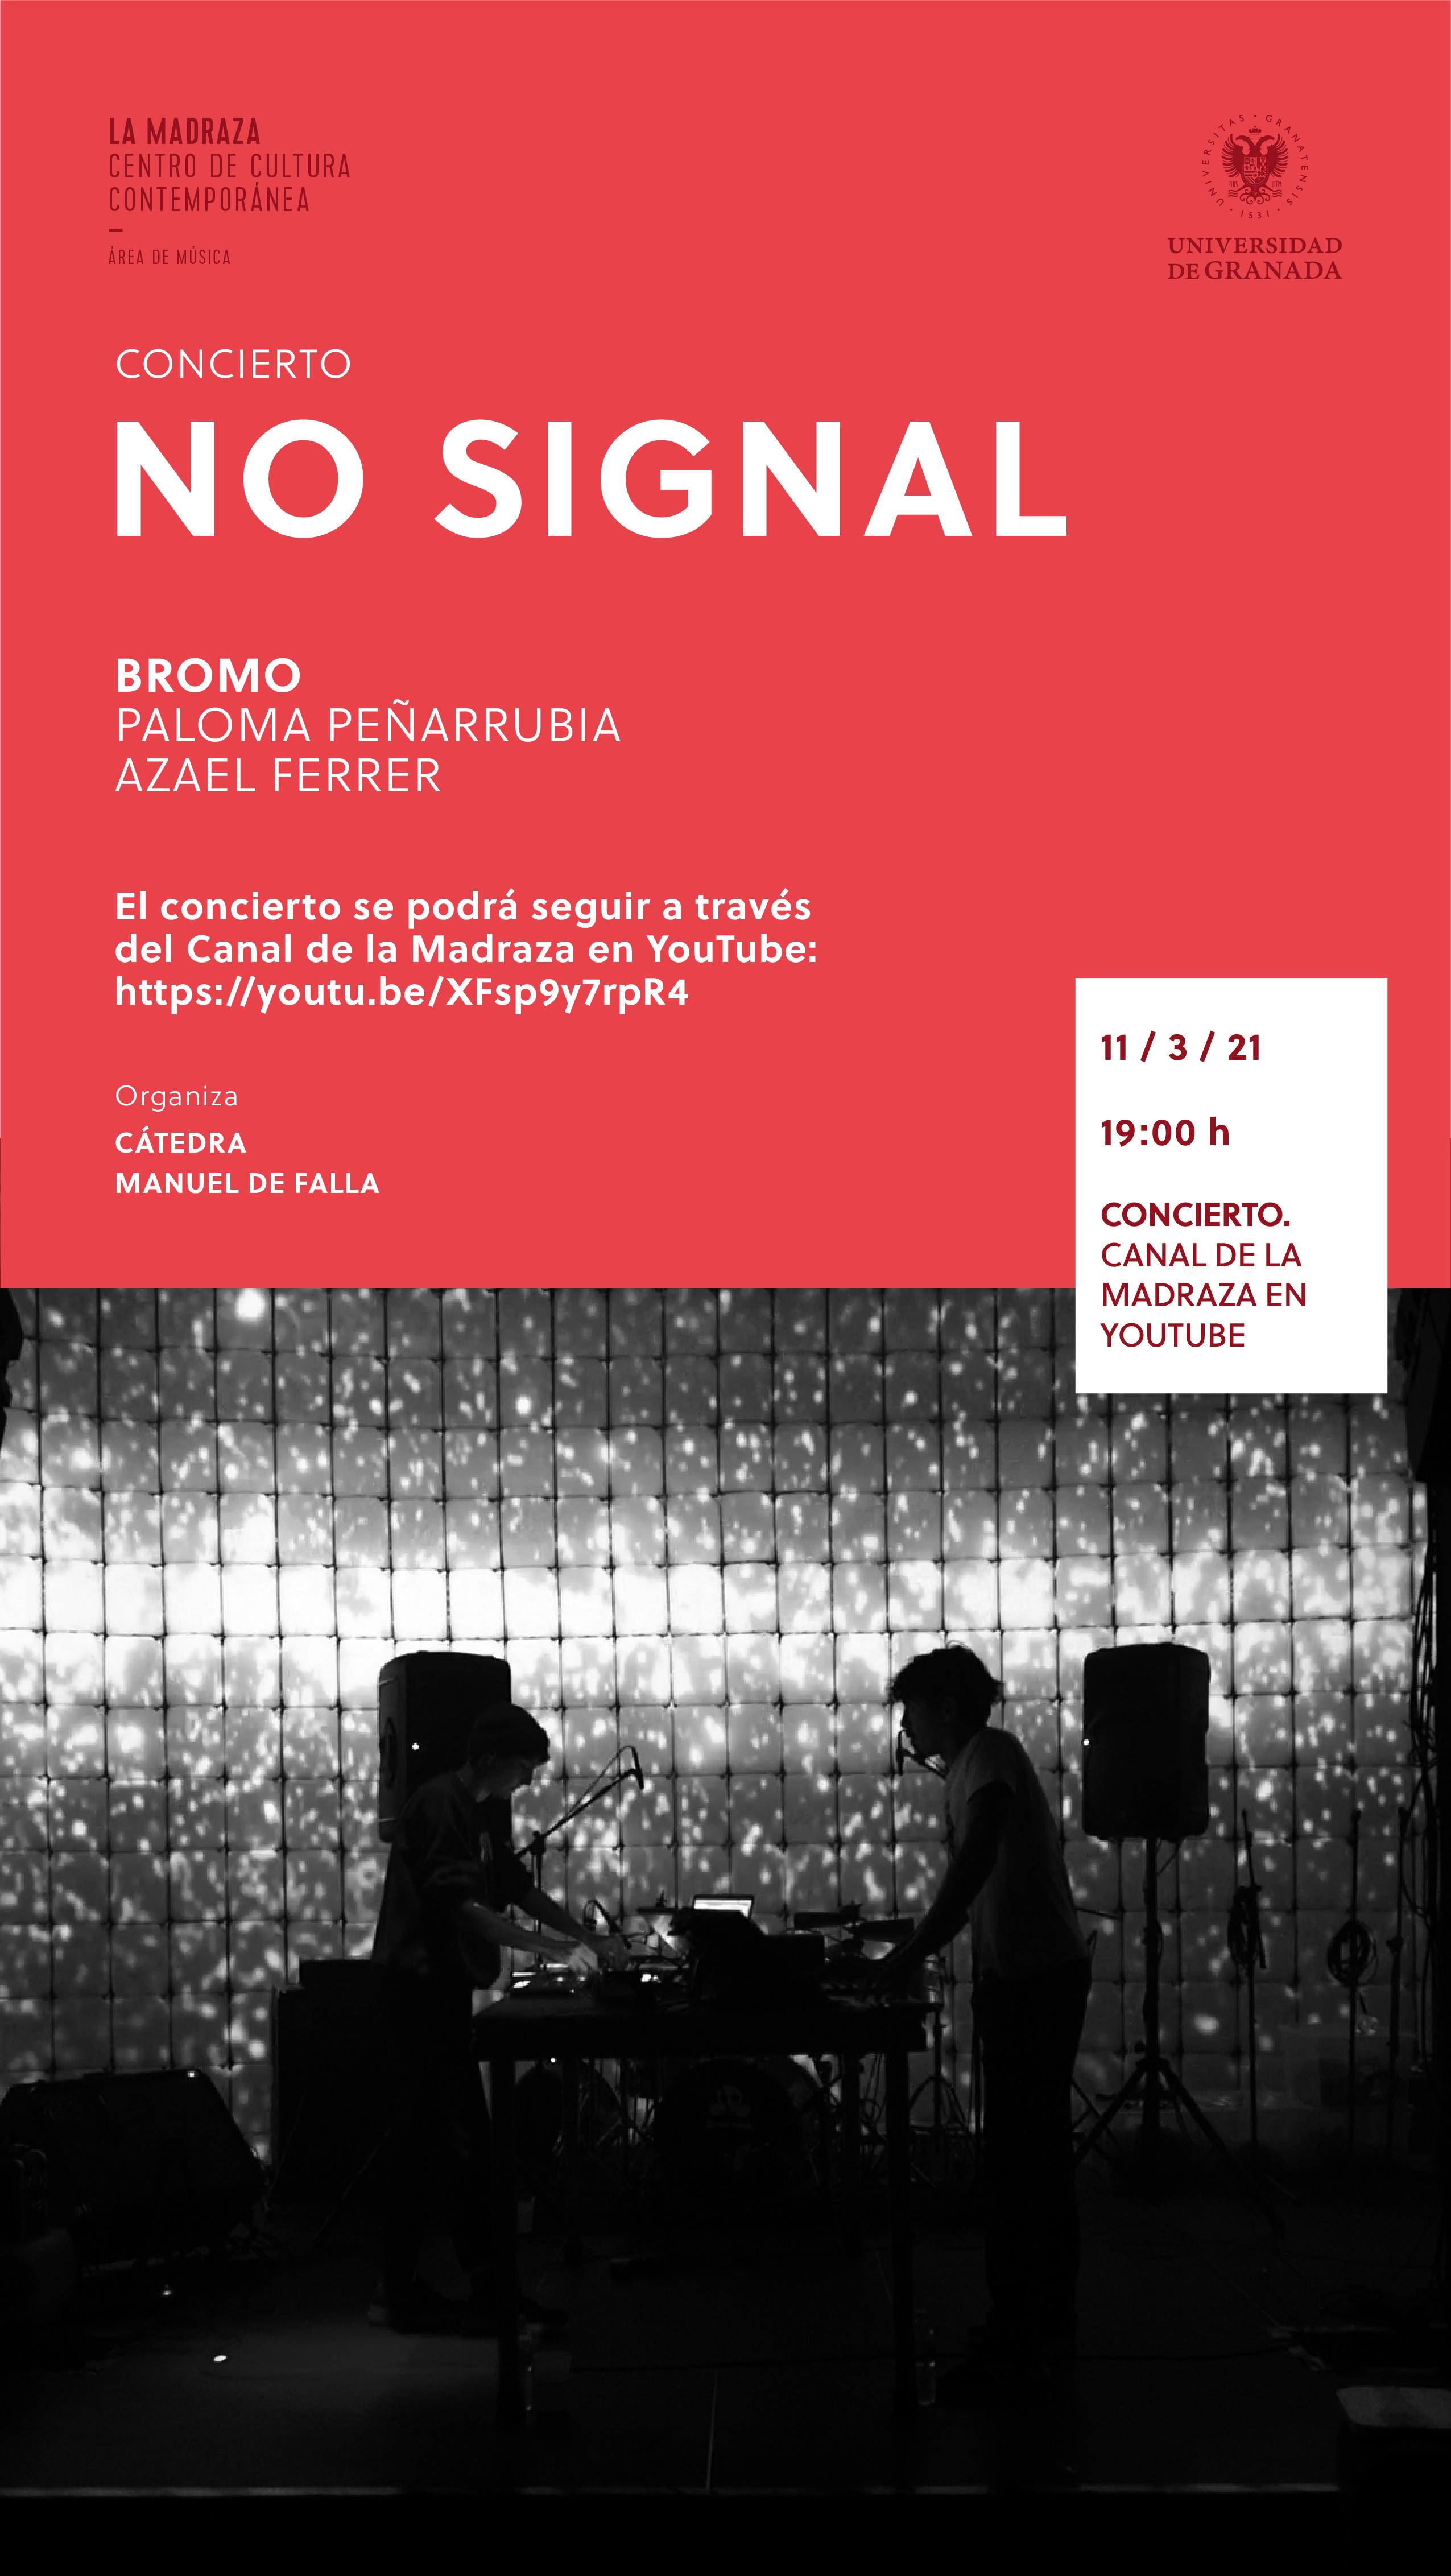 La Madraza programa once actividades culturales en línea con motivo del Día Internacional de la Mujer